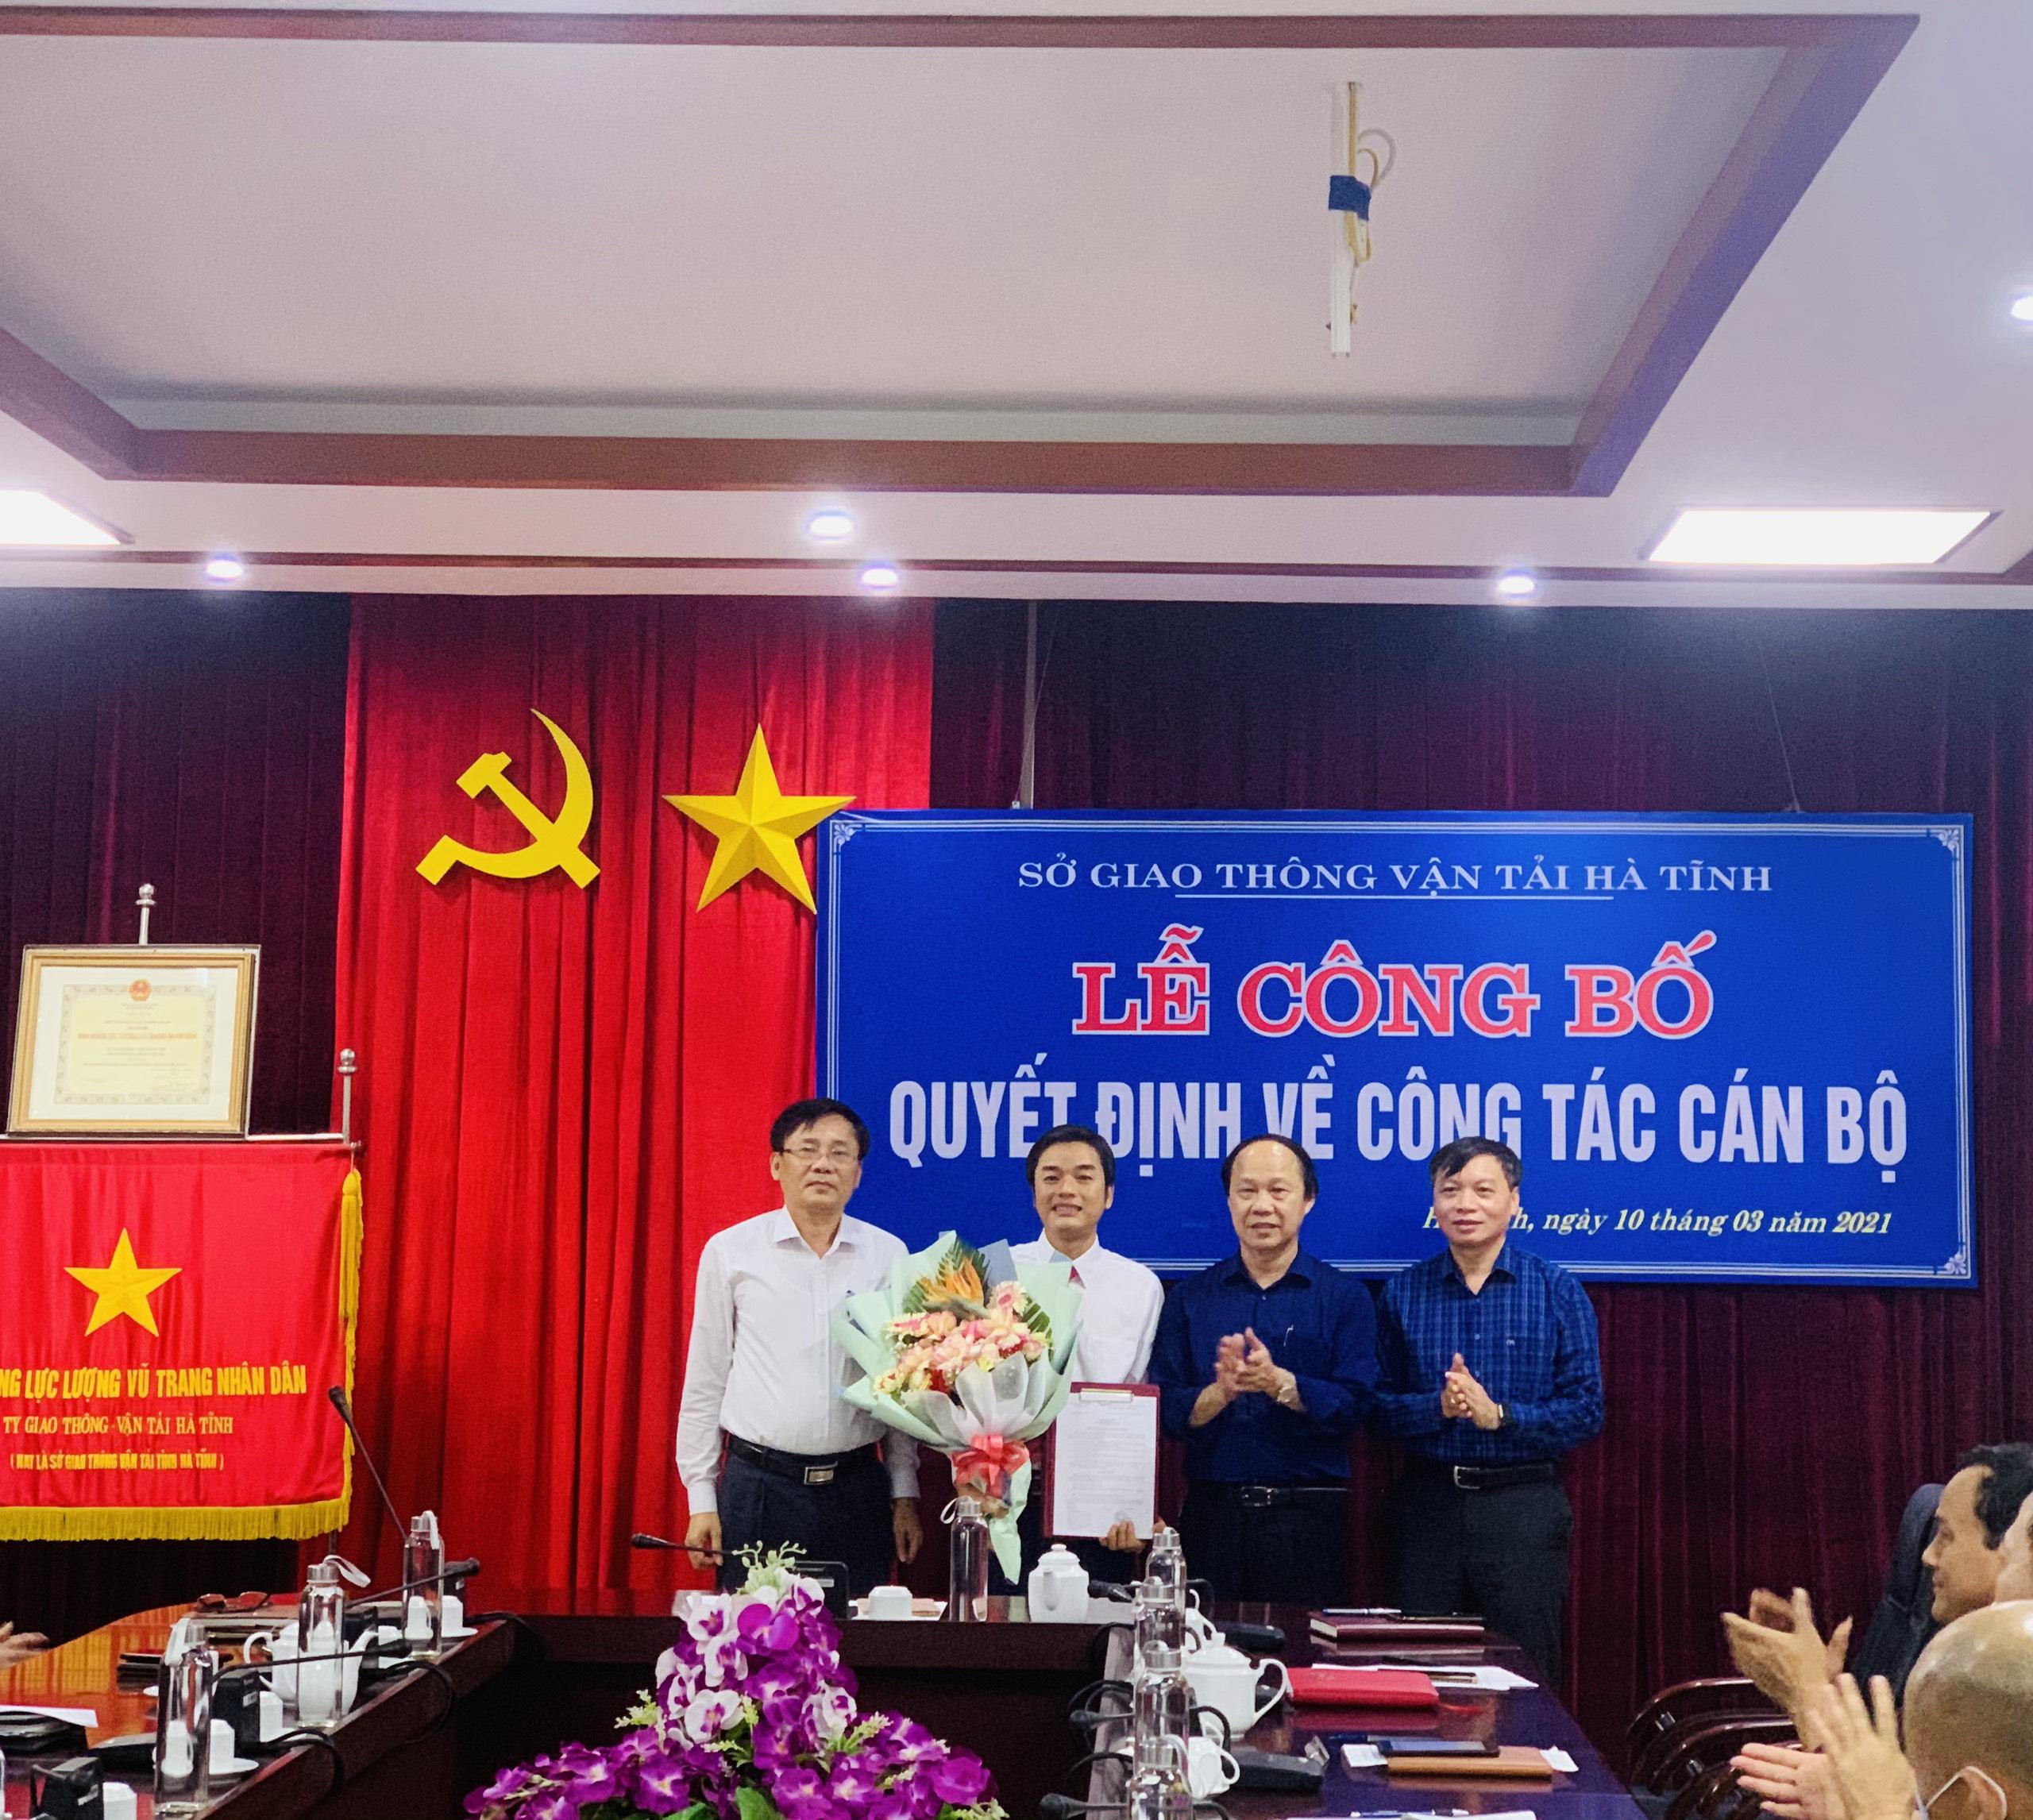 Sở GTVT Hà Tĩnh công bố quyết định bổ nhiệm Phó Giám đốc Sở